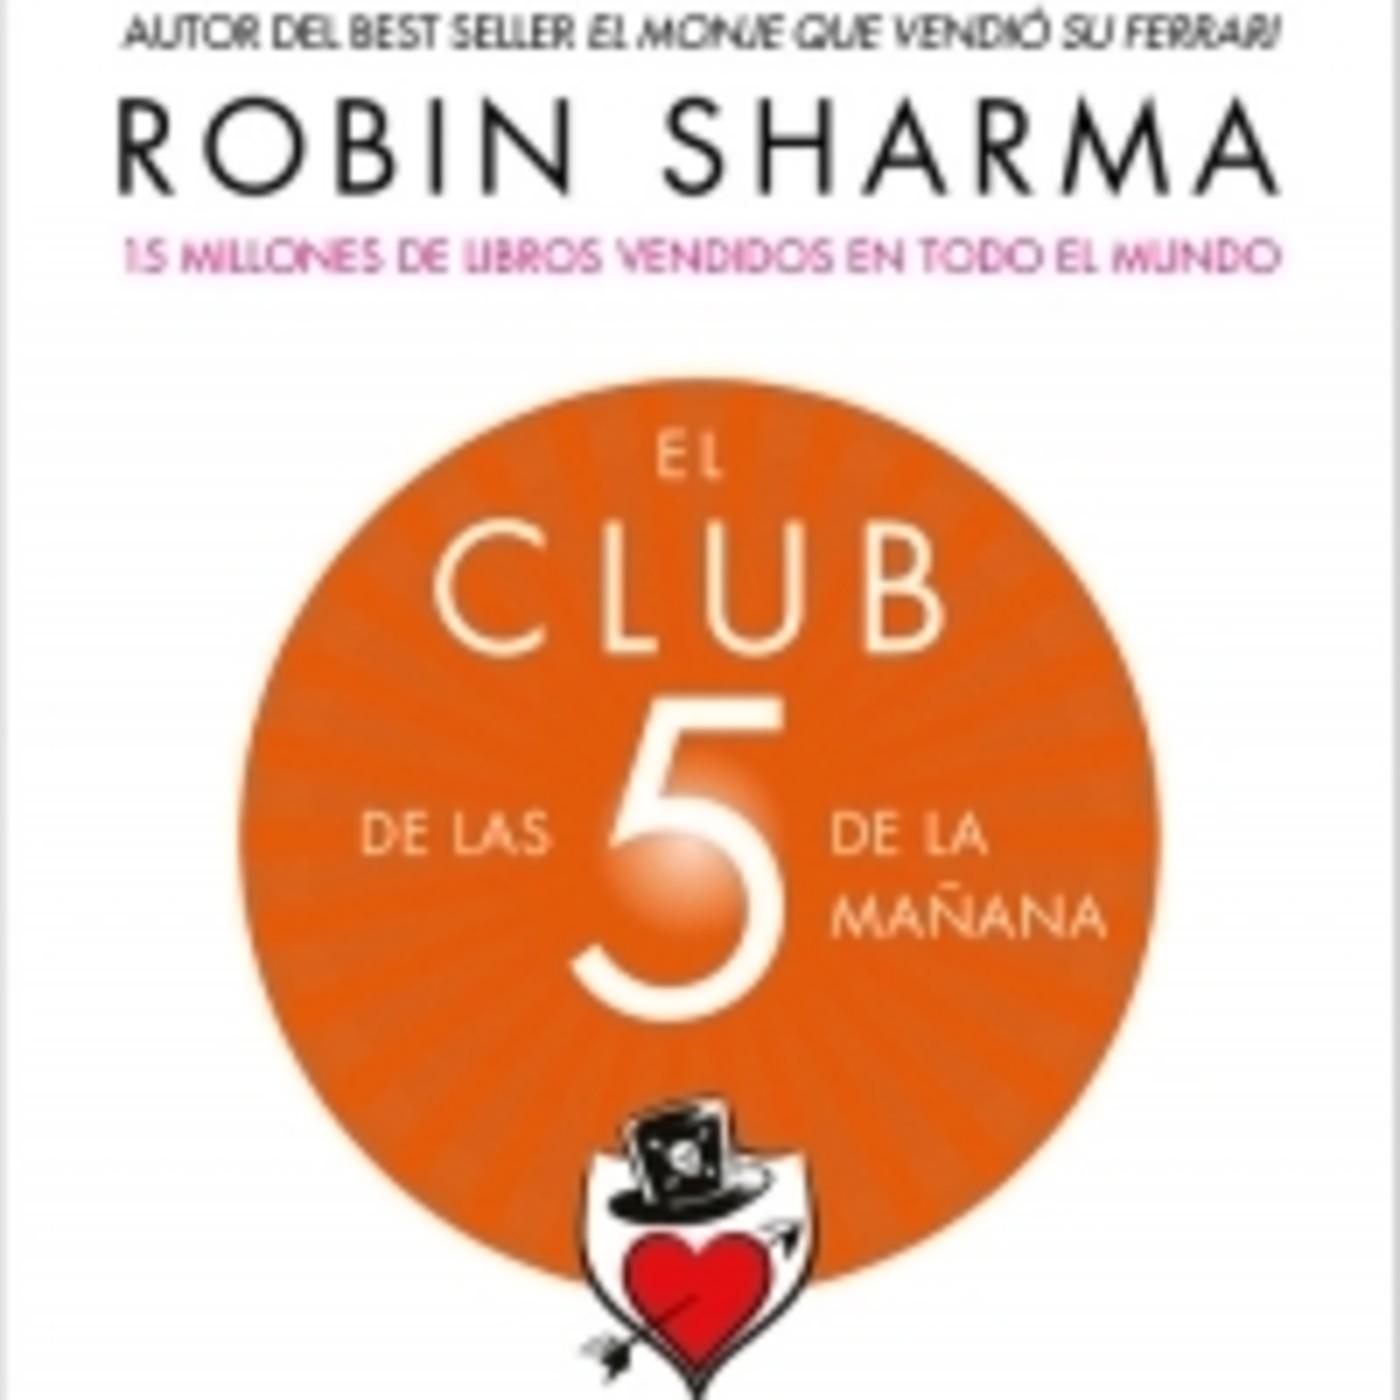 120 - El Club de Las 5 de la Mañana: Controla Tus Mañanas, Impulsa Tu Vida  en Salvador Mingo -Conocimiento Experto- en mp3(12/03 a las 13:00:00) 50:38  ...